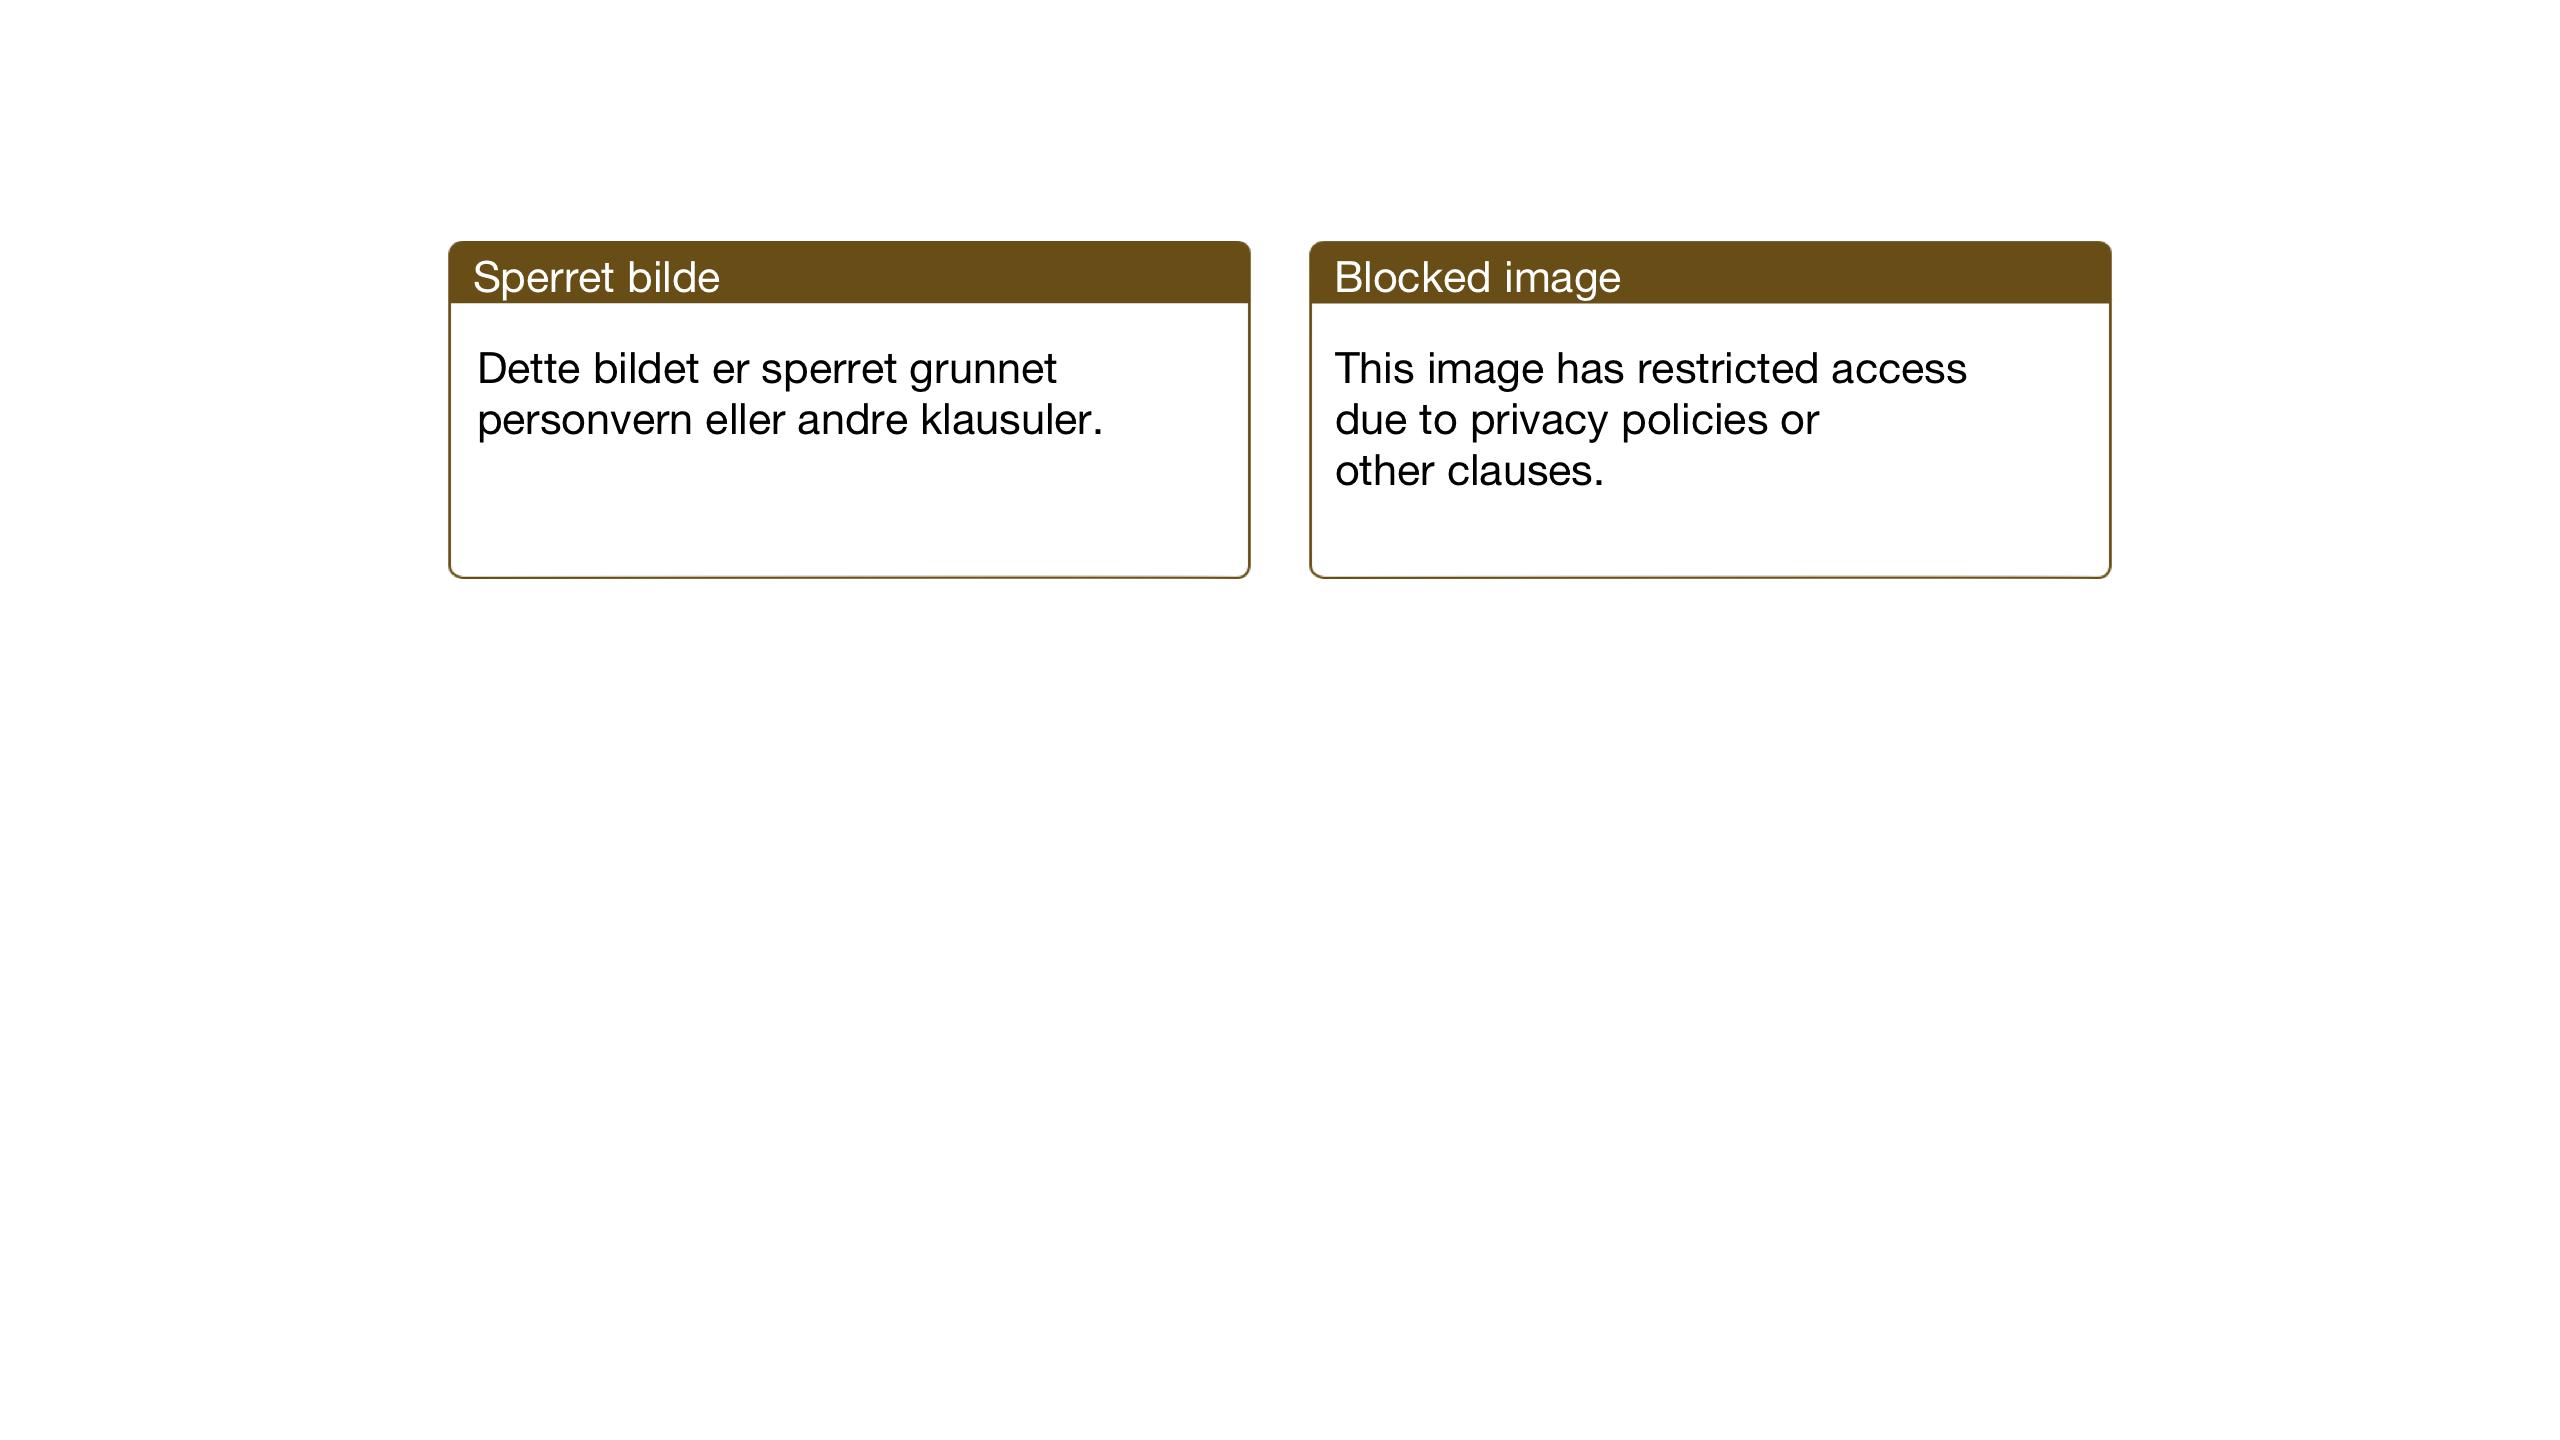 SAT, Ministerialprotokoller, klokkerbøker og fødselsregistre - Nord-Trøndelag, 770/L0591: Klokkerbok nr. 770C02, 1902-1940, s. 77